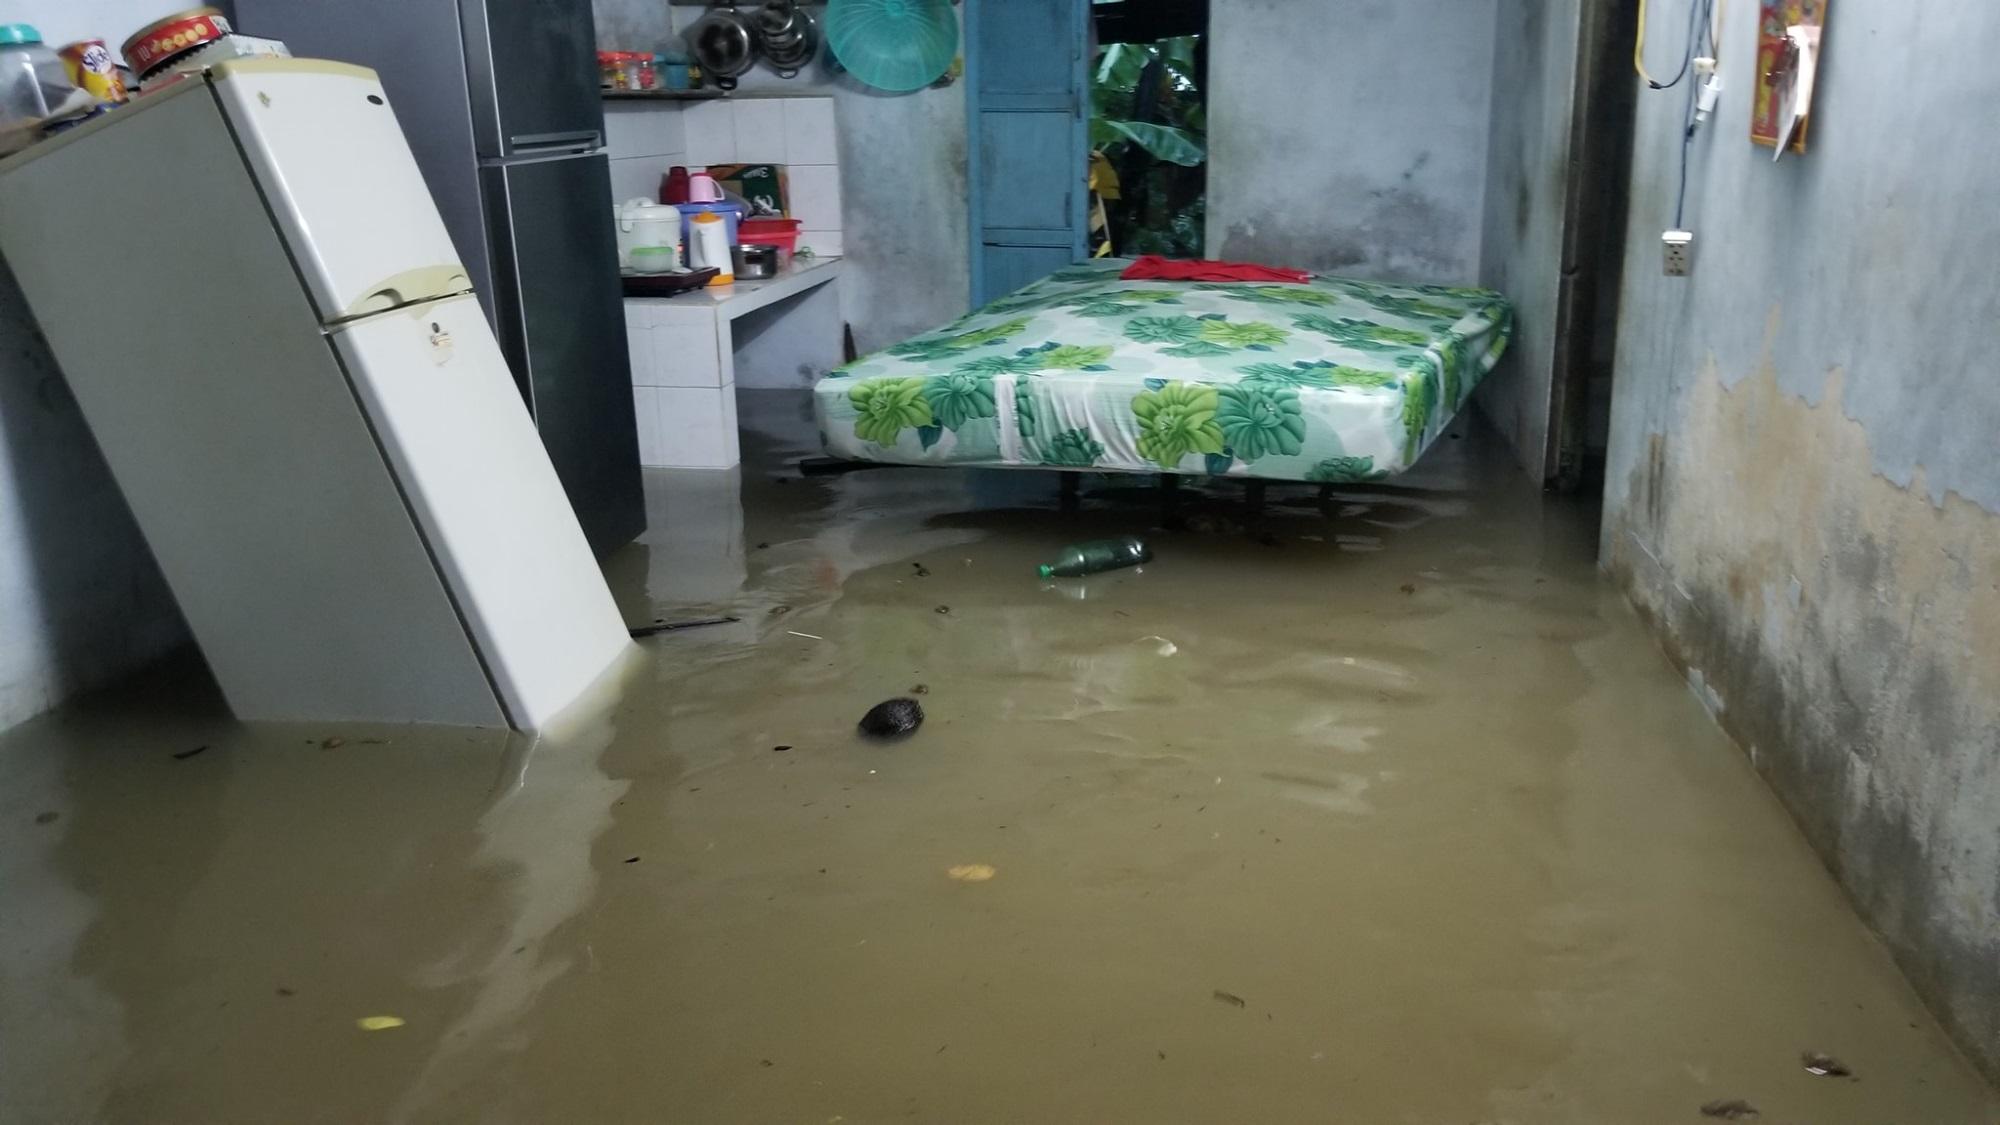 Nha Trang thành biển nước, đèo sạt lở vì bão số 8 - Ảnh 4